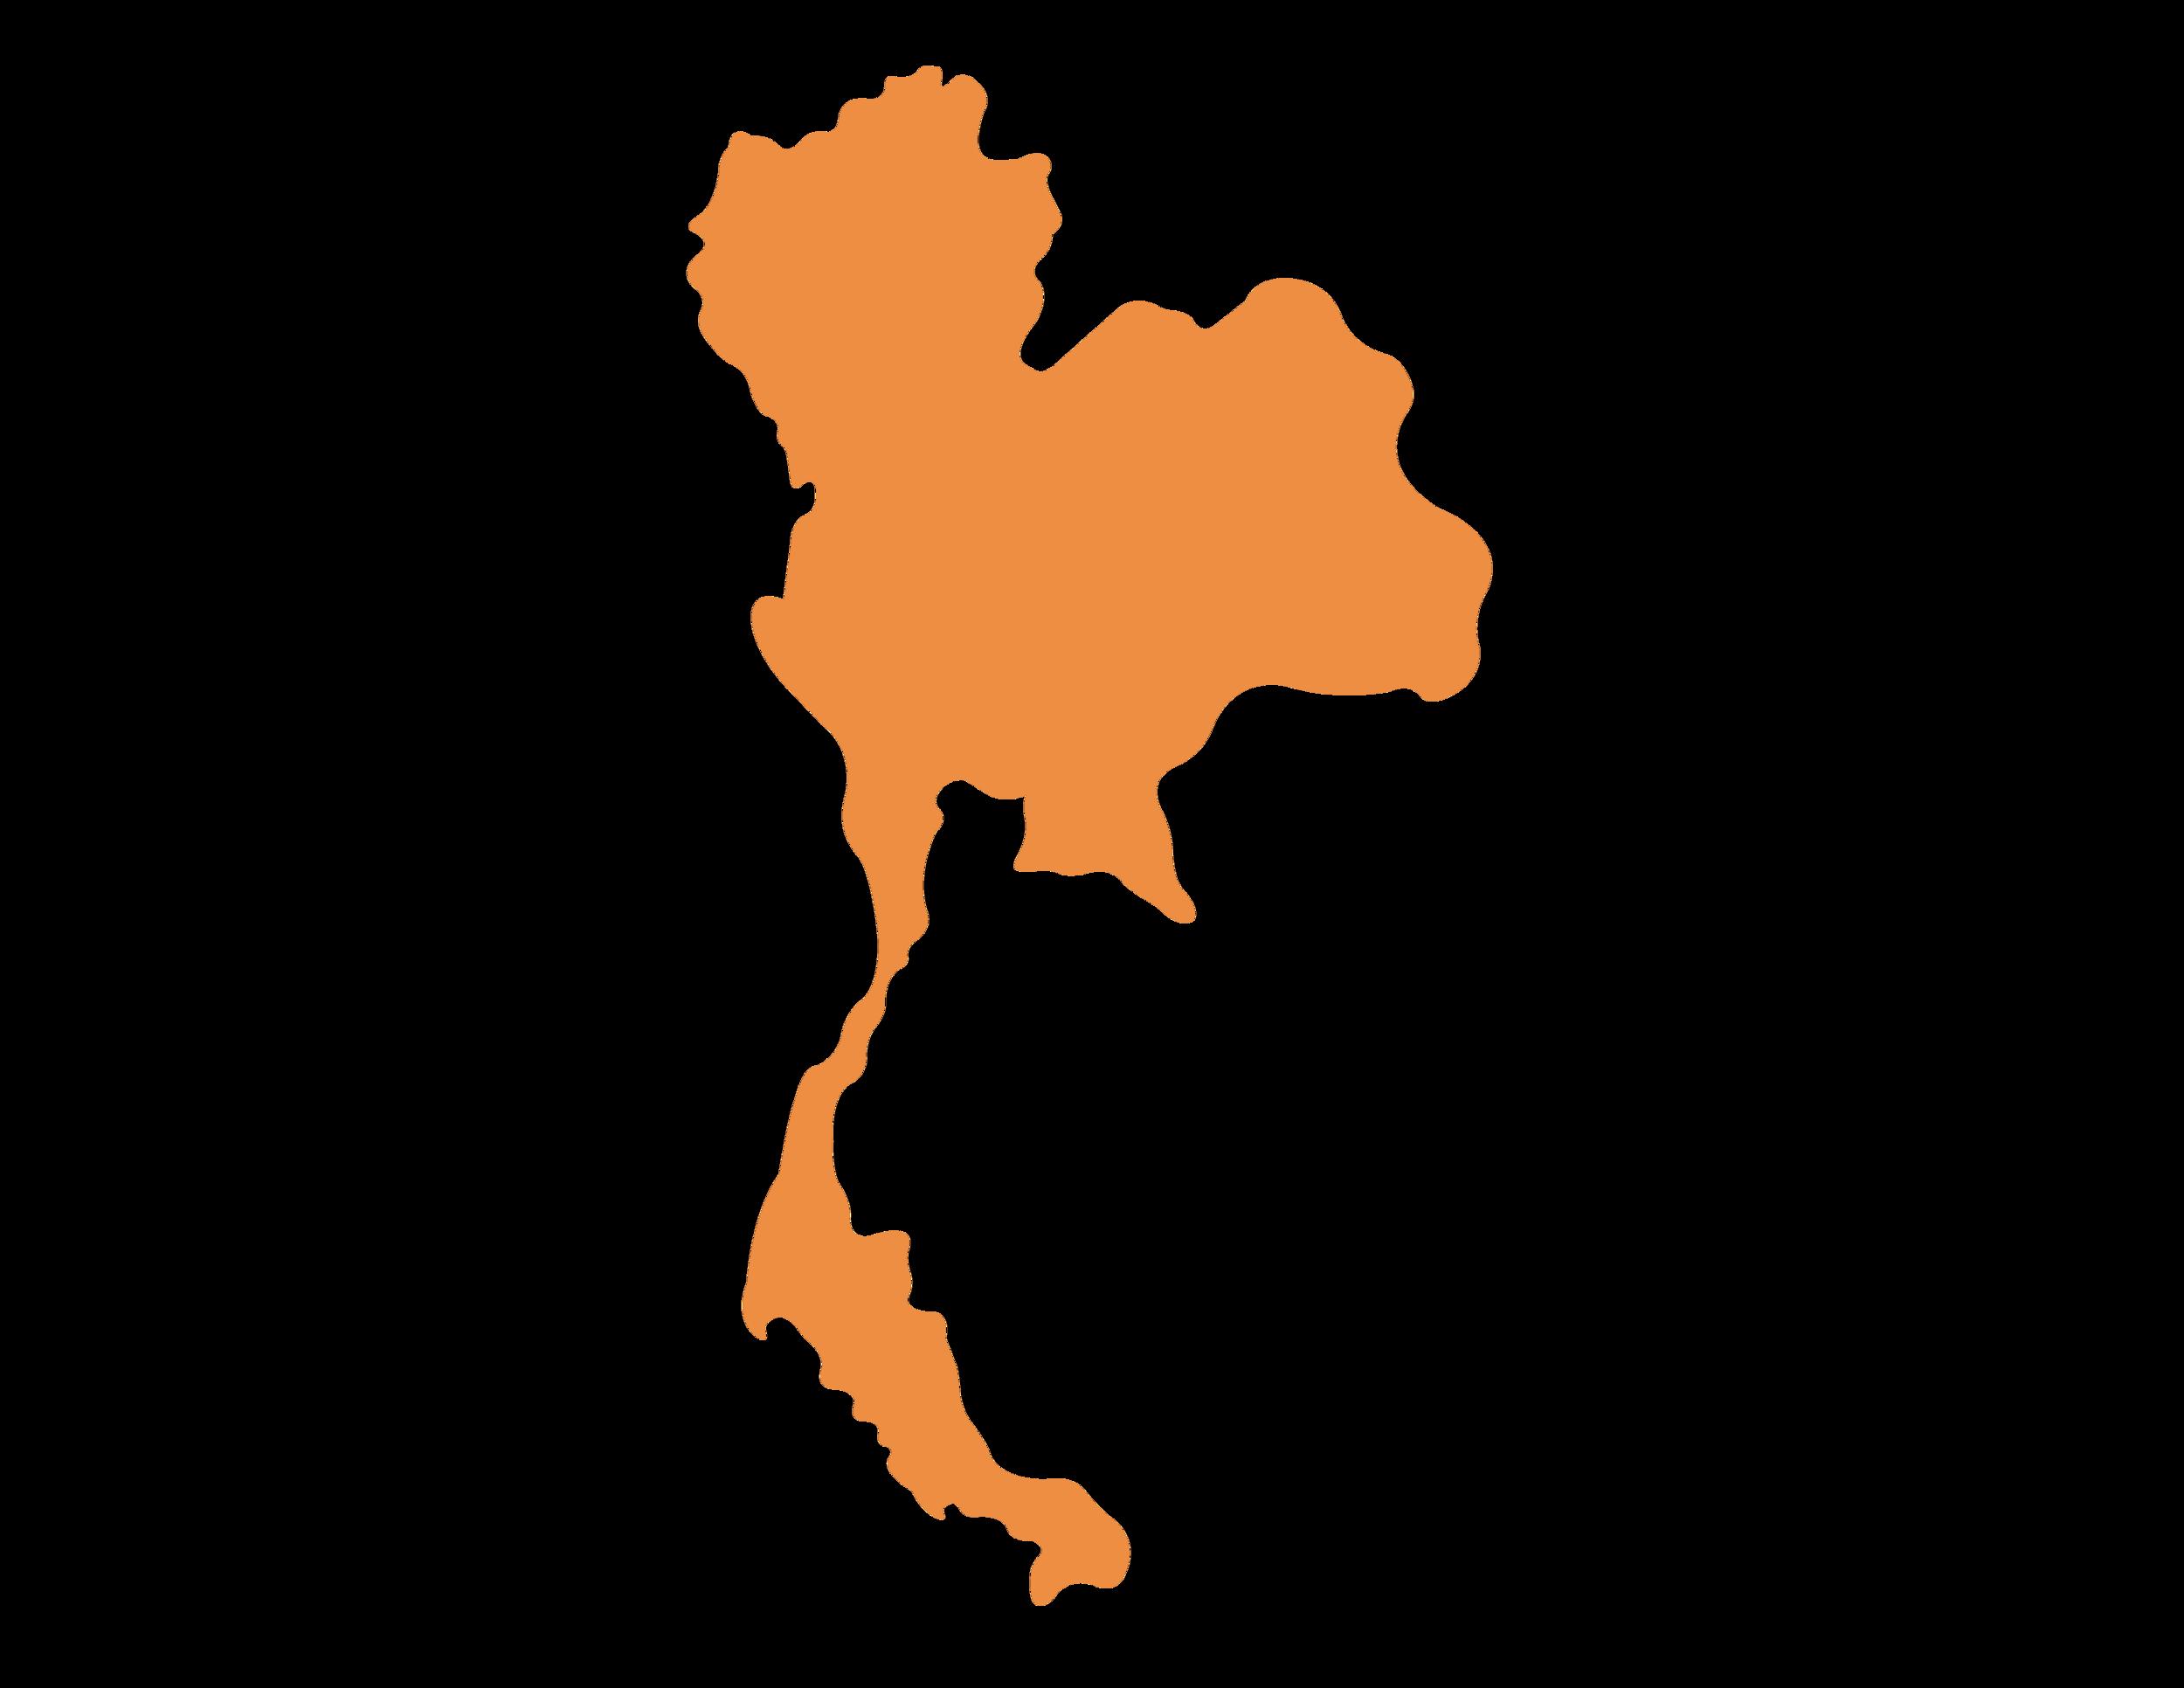 泰國 - 這是我們第一次差派短宣隊到泰國。這次出隊主要到當地了解及探索以後的宣教機會。這次有兩個弟兄出隊,主要幫助牧養宣教士子女。並且在泰國短宣期間每個早上用音樂帶領敬拜。